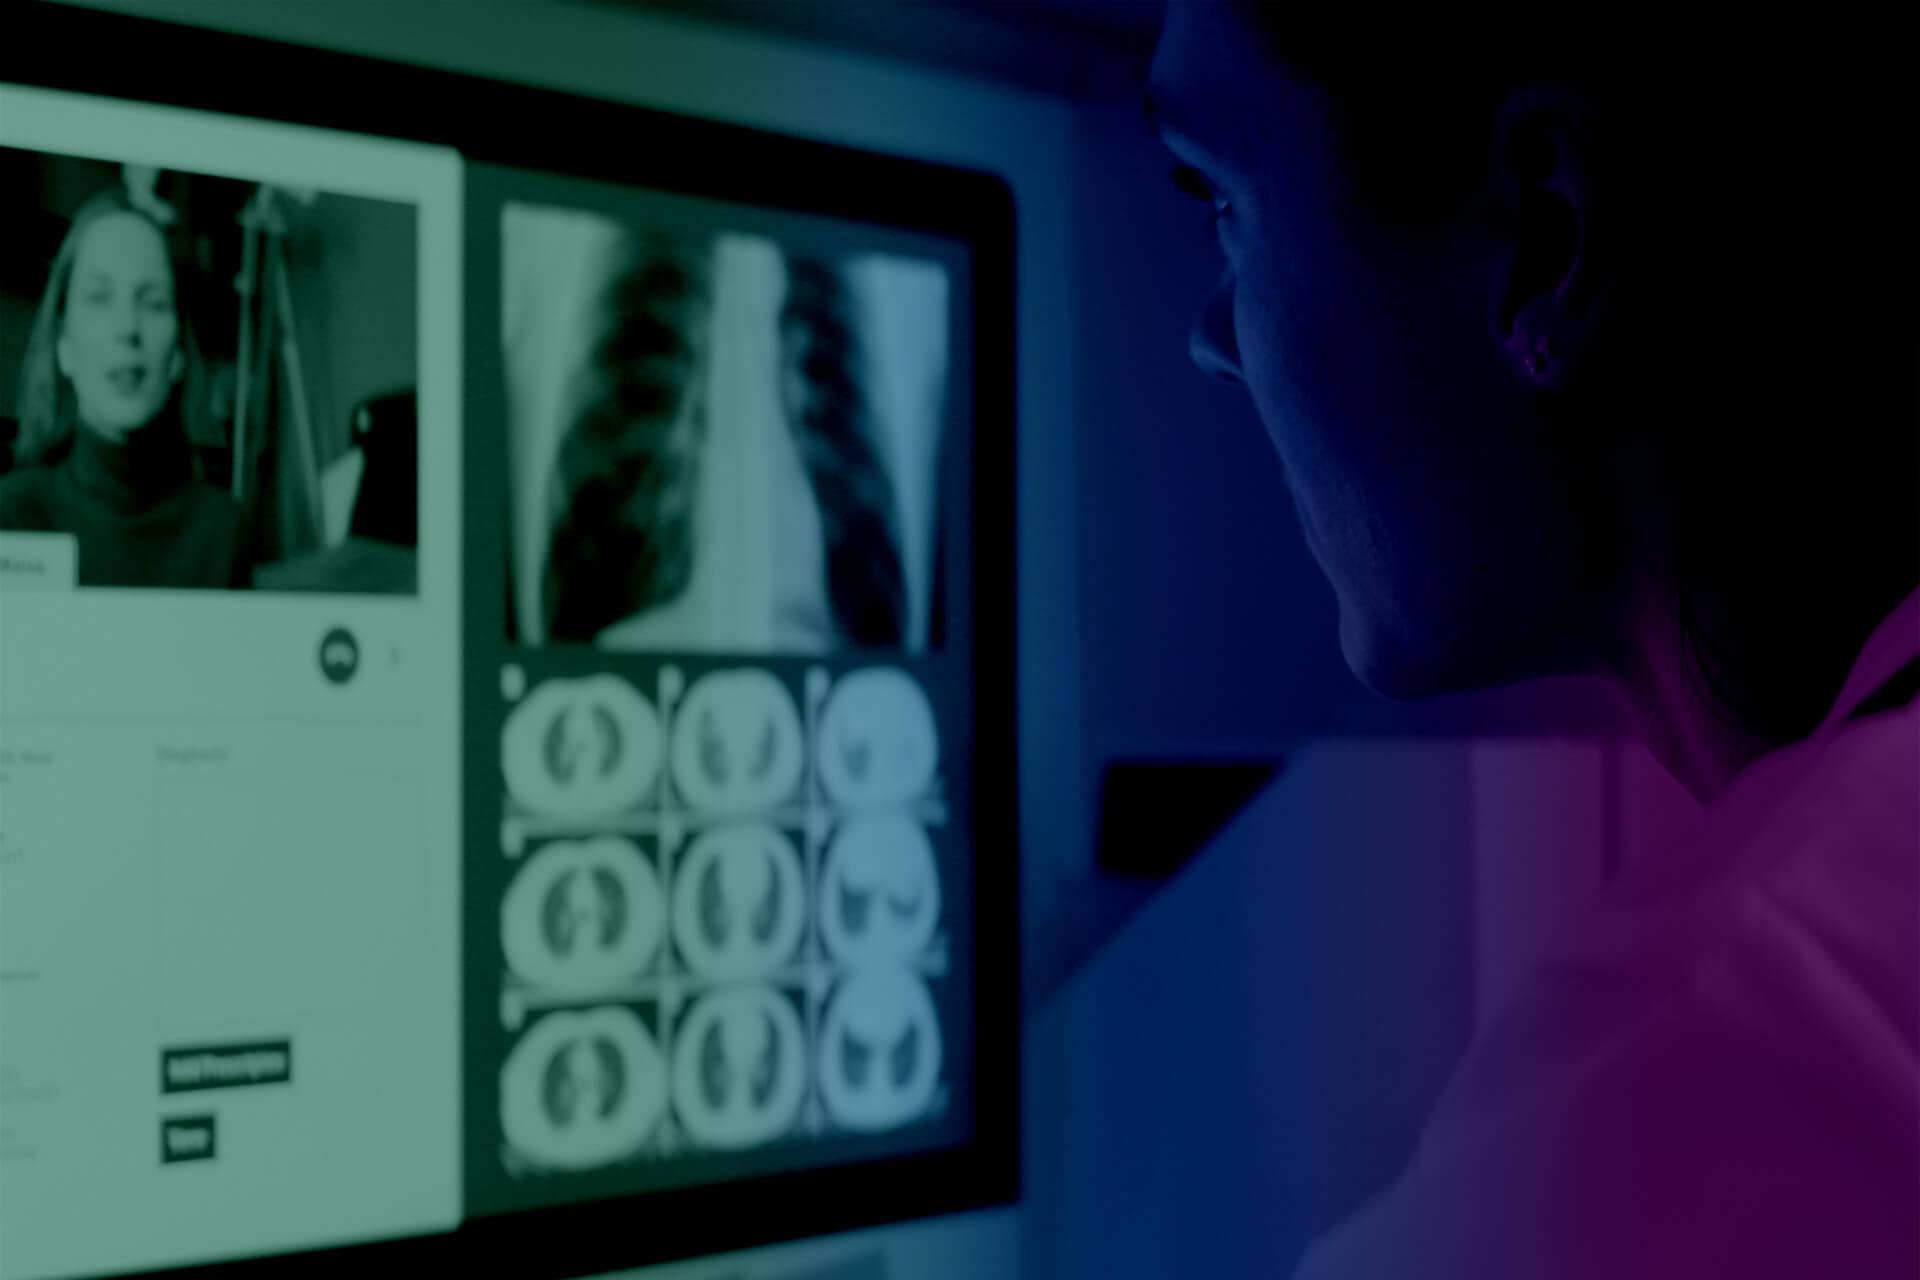 Telemedicina: presente y futuro de la tecnología a favor de la salud